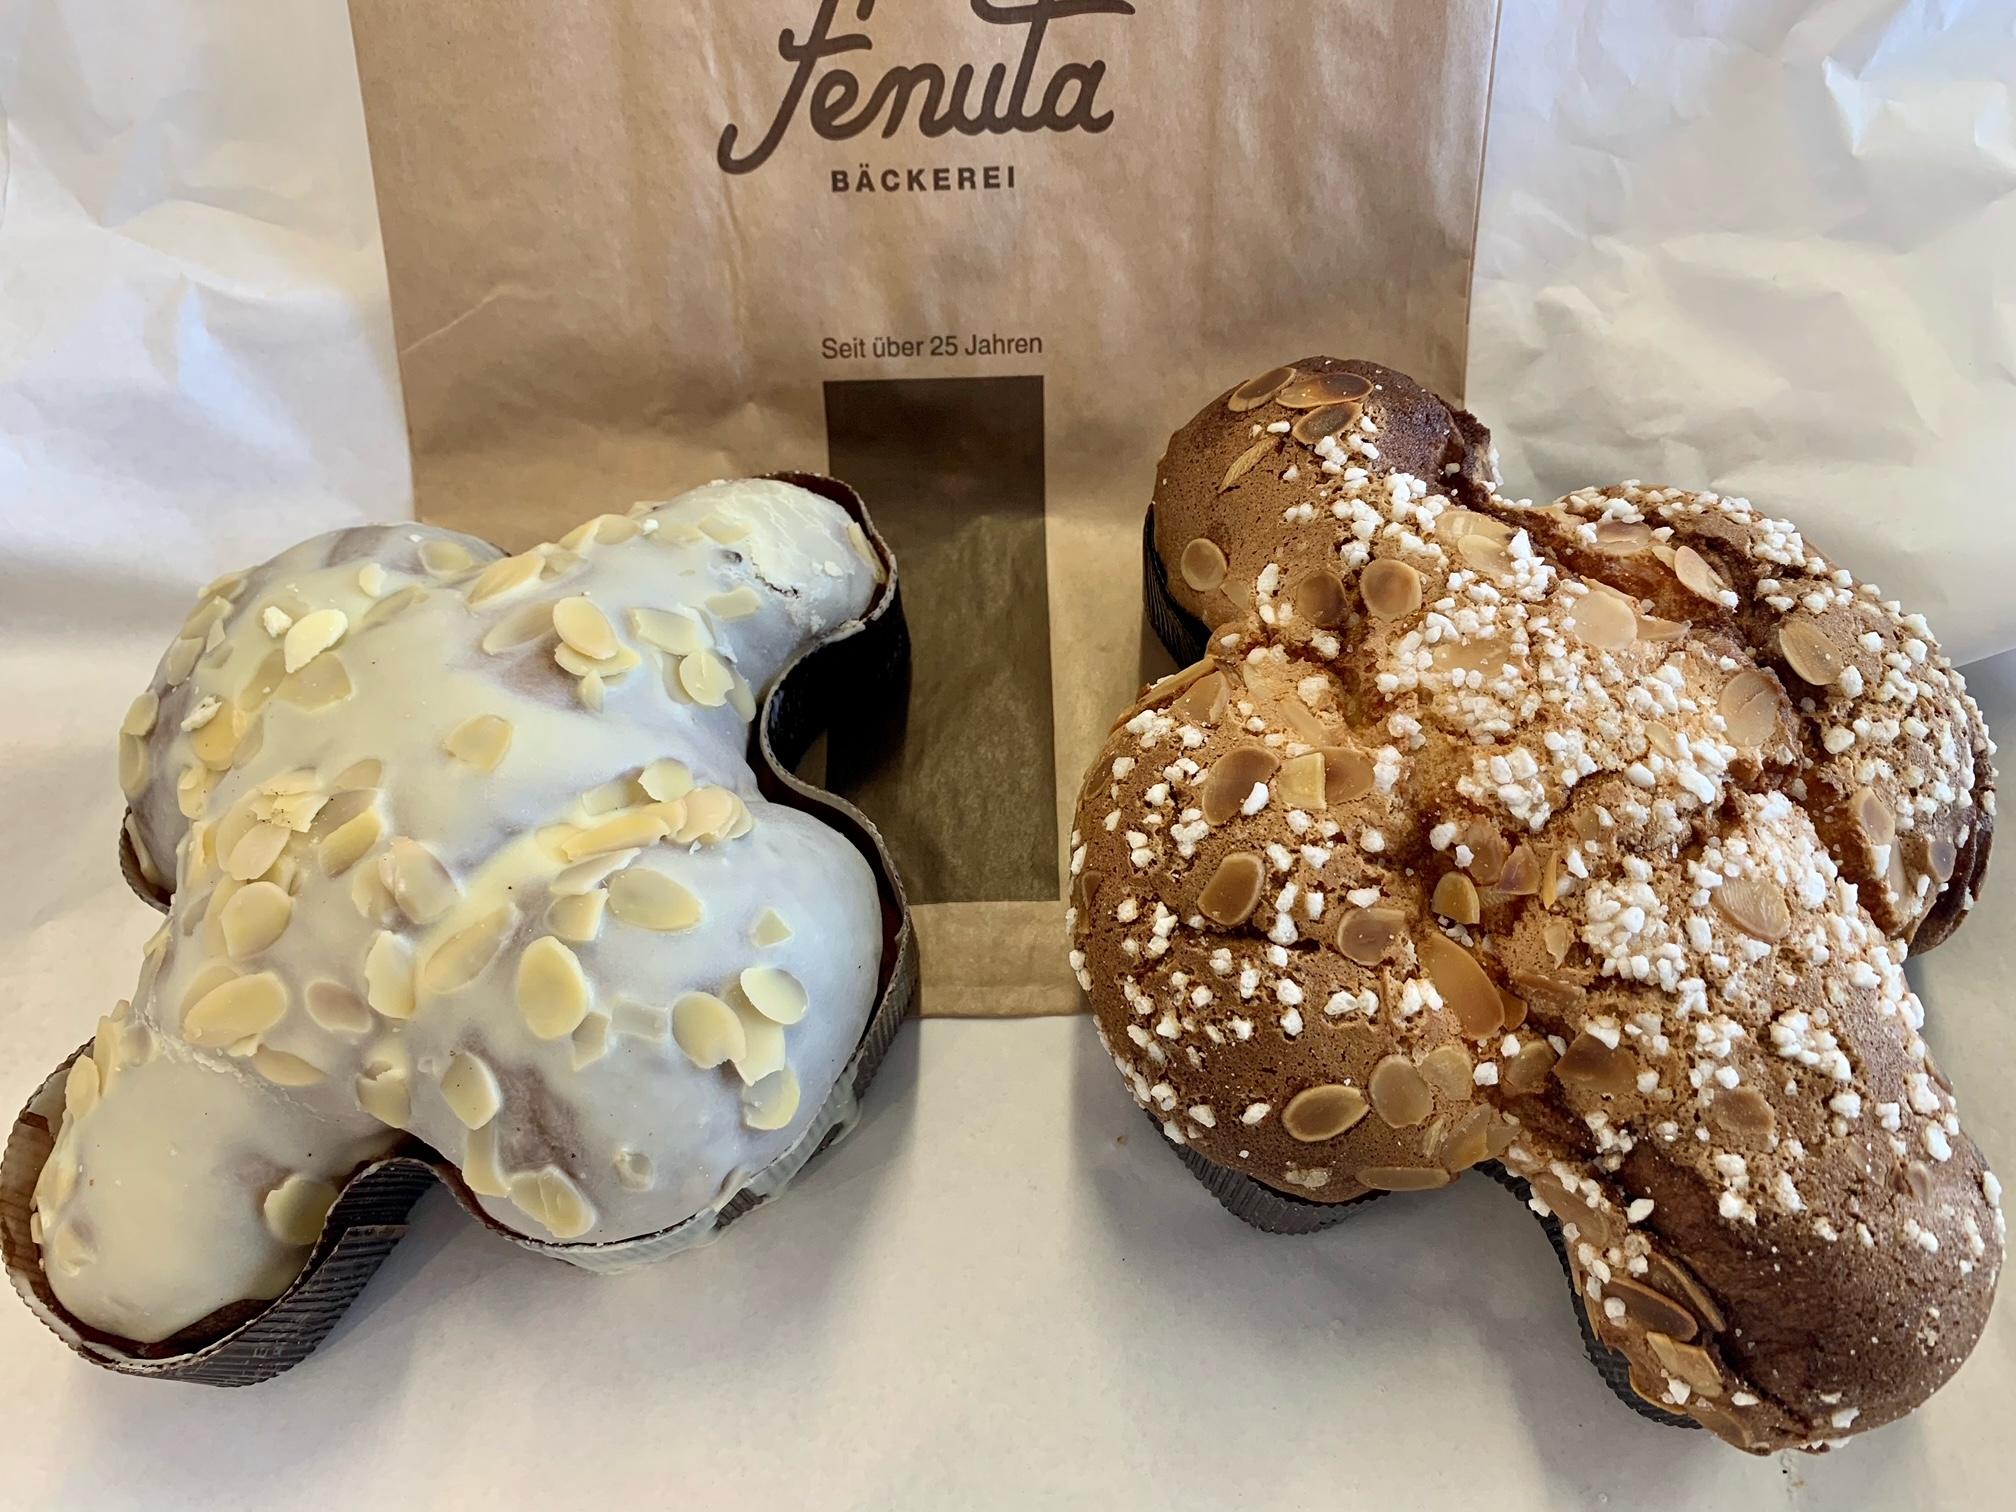 er Fenuta Bäckerei in Zürich-Dietikon